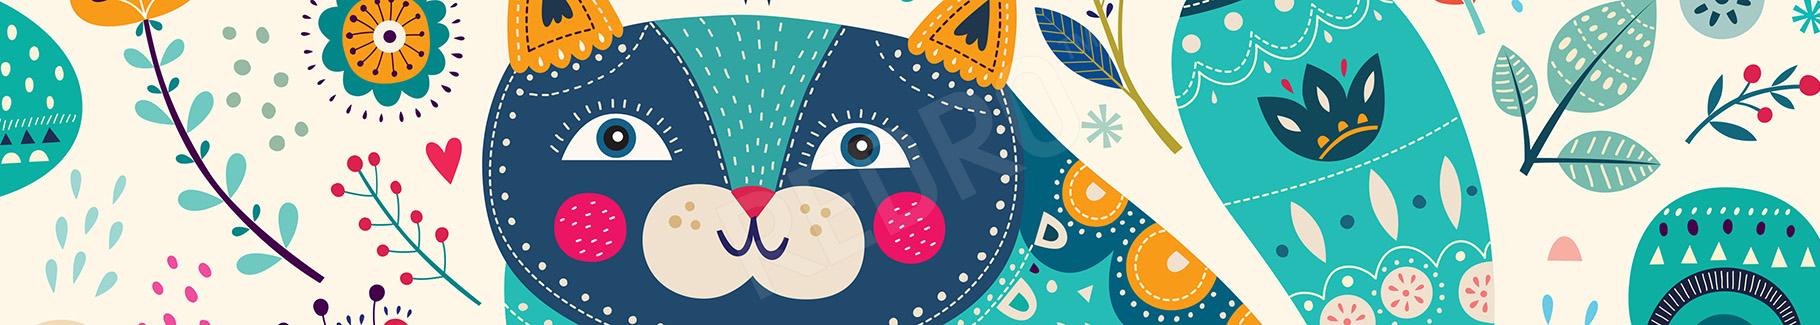 Plakat kot w stylu etnicznym